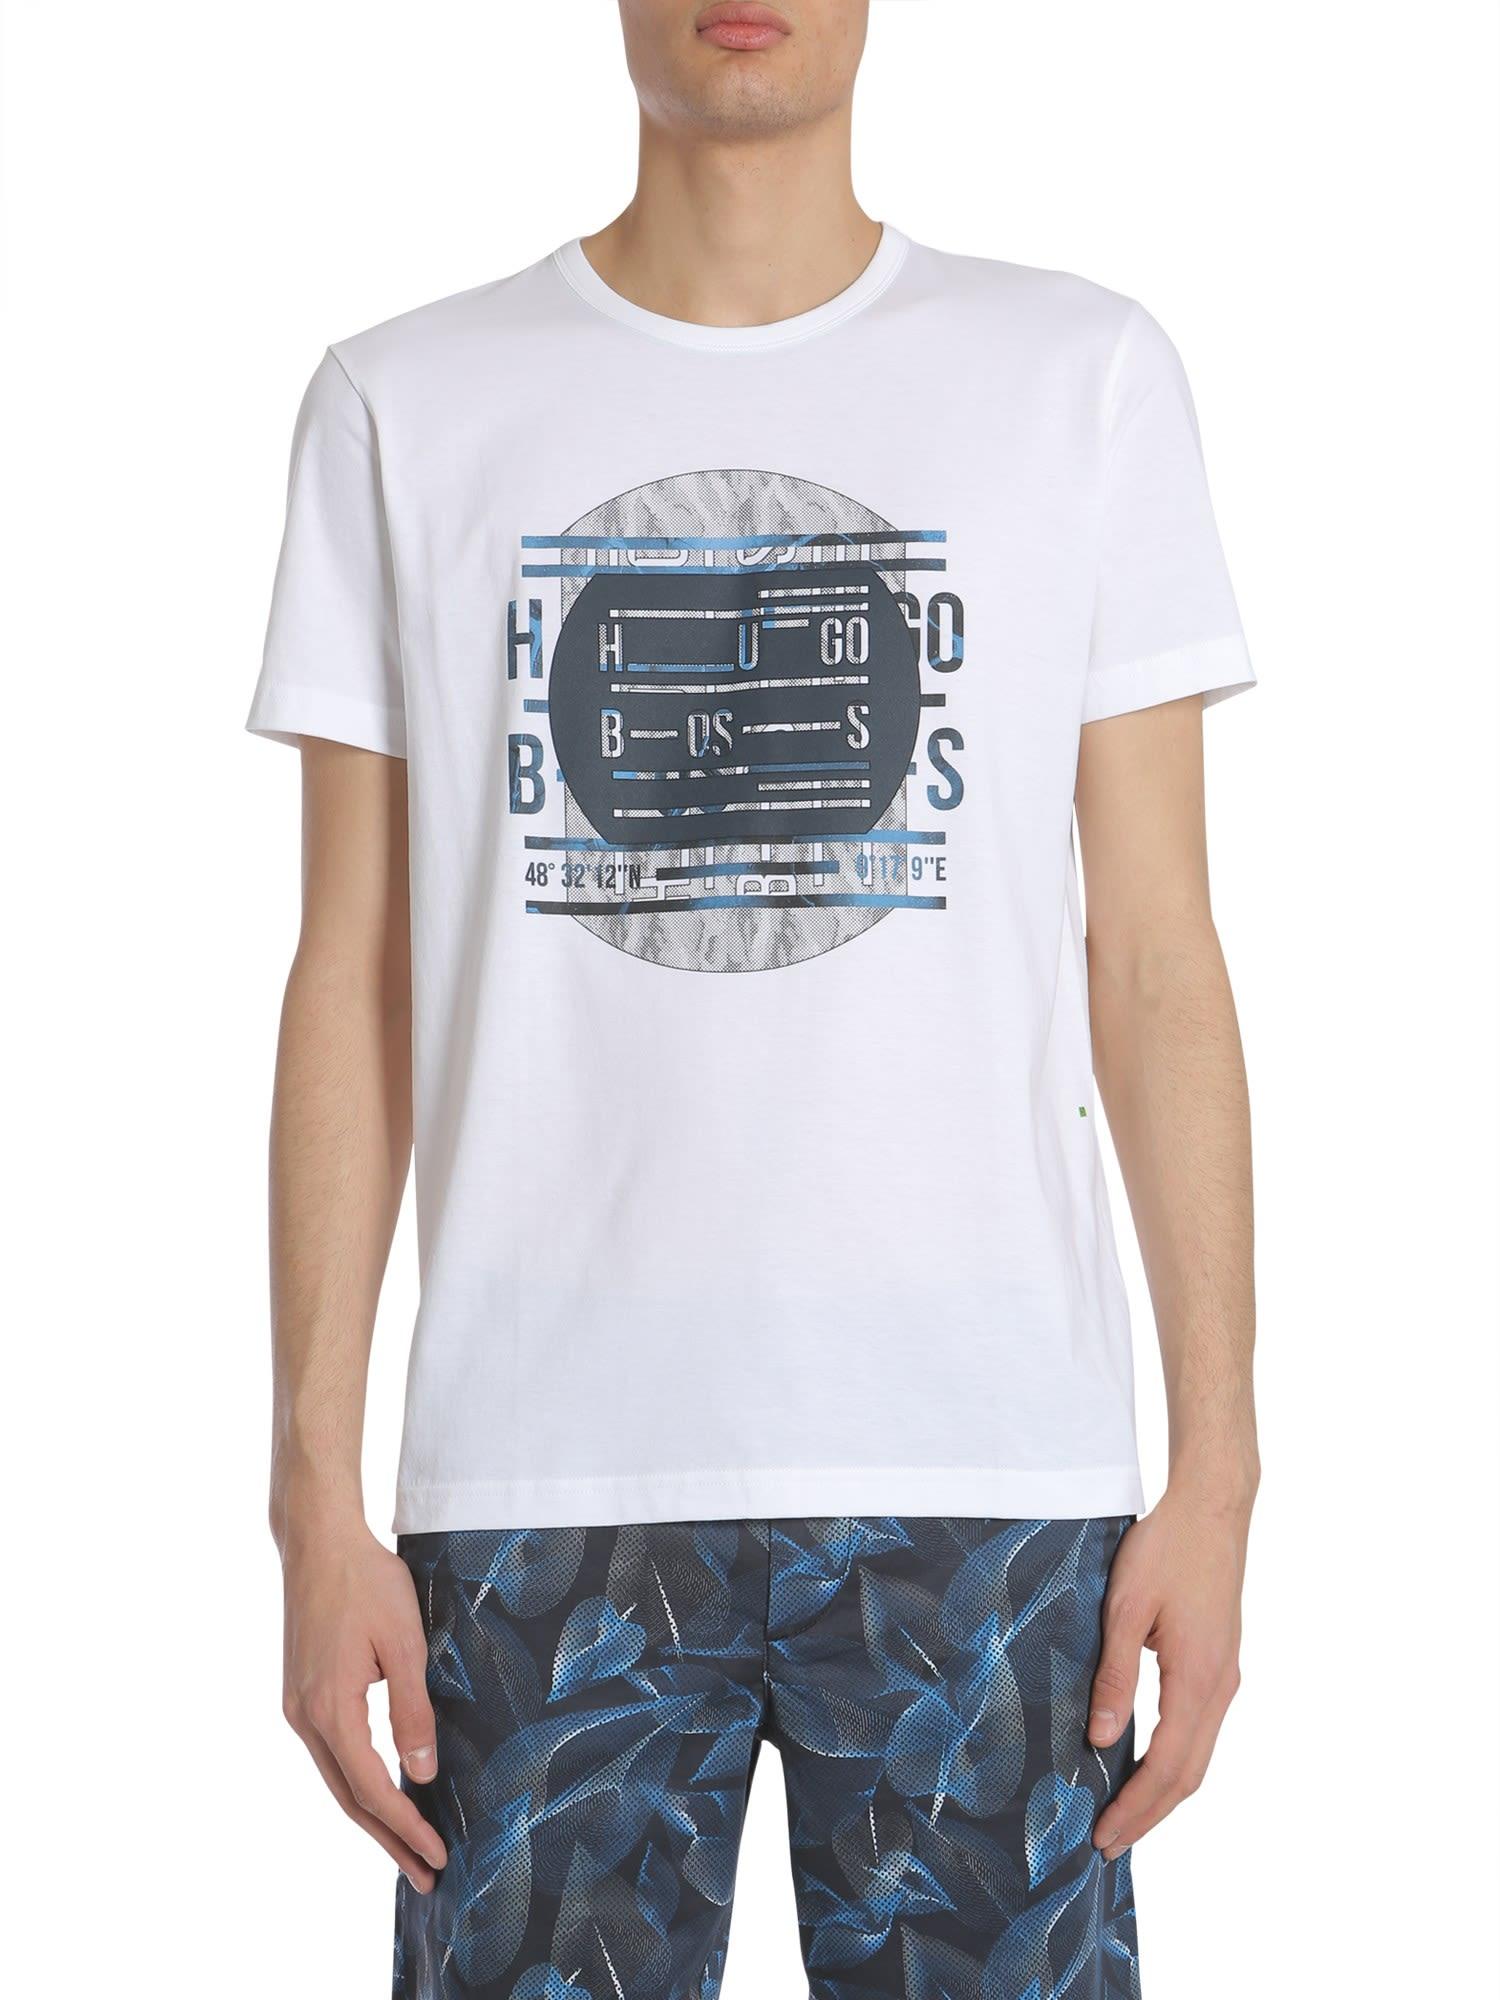 Tee 4 T-shirt